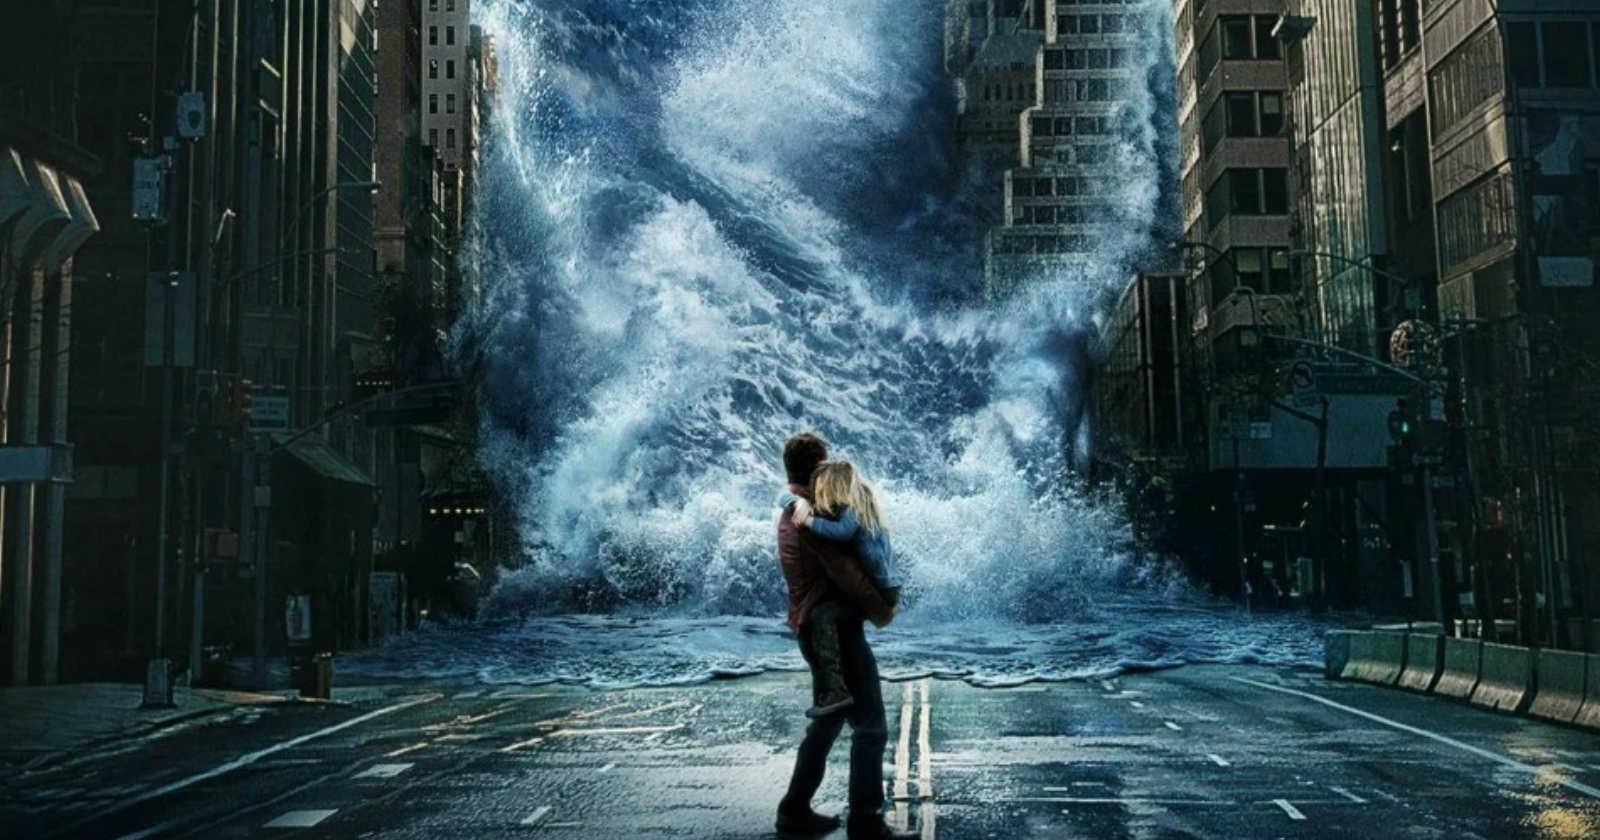 Geostorm: una tormenta artificial que pone en peligro a la Tierra